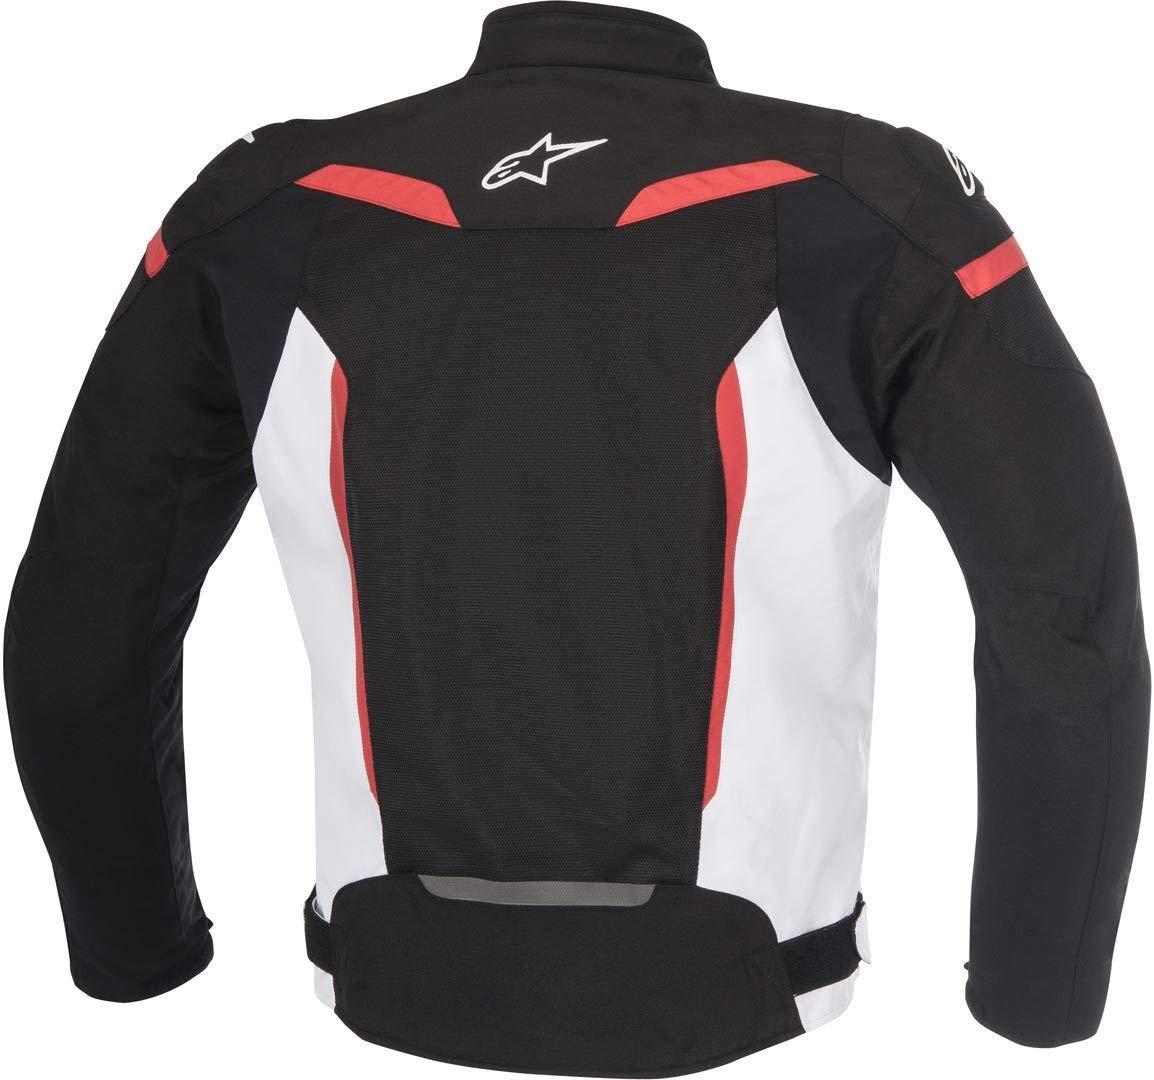 Alpinestars taglia L giacca da motociclista T-gp PLus R V2/Air bianco e rosso di colore nero